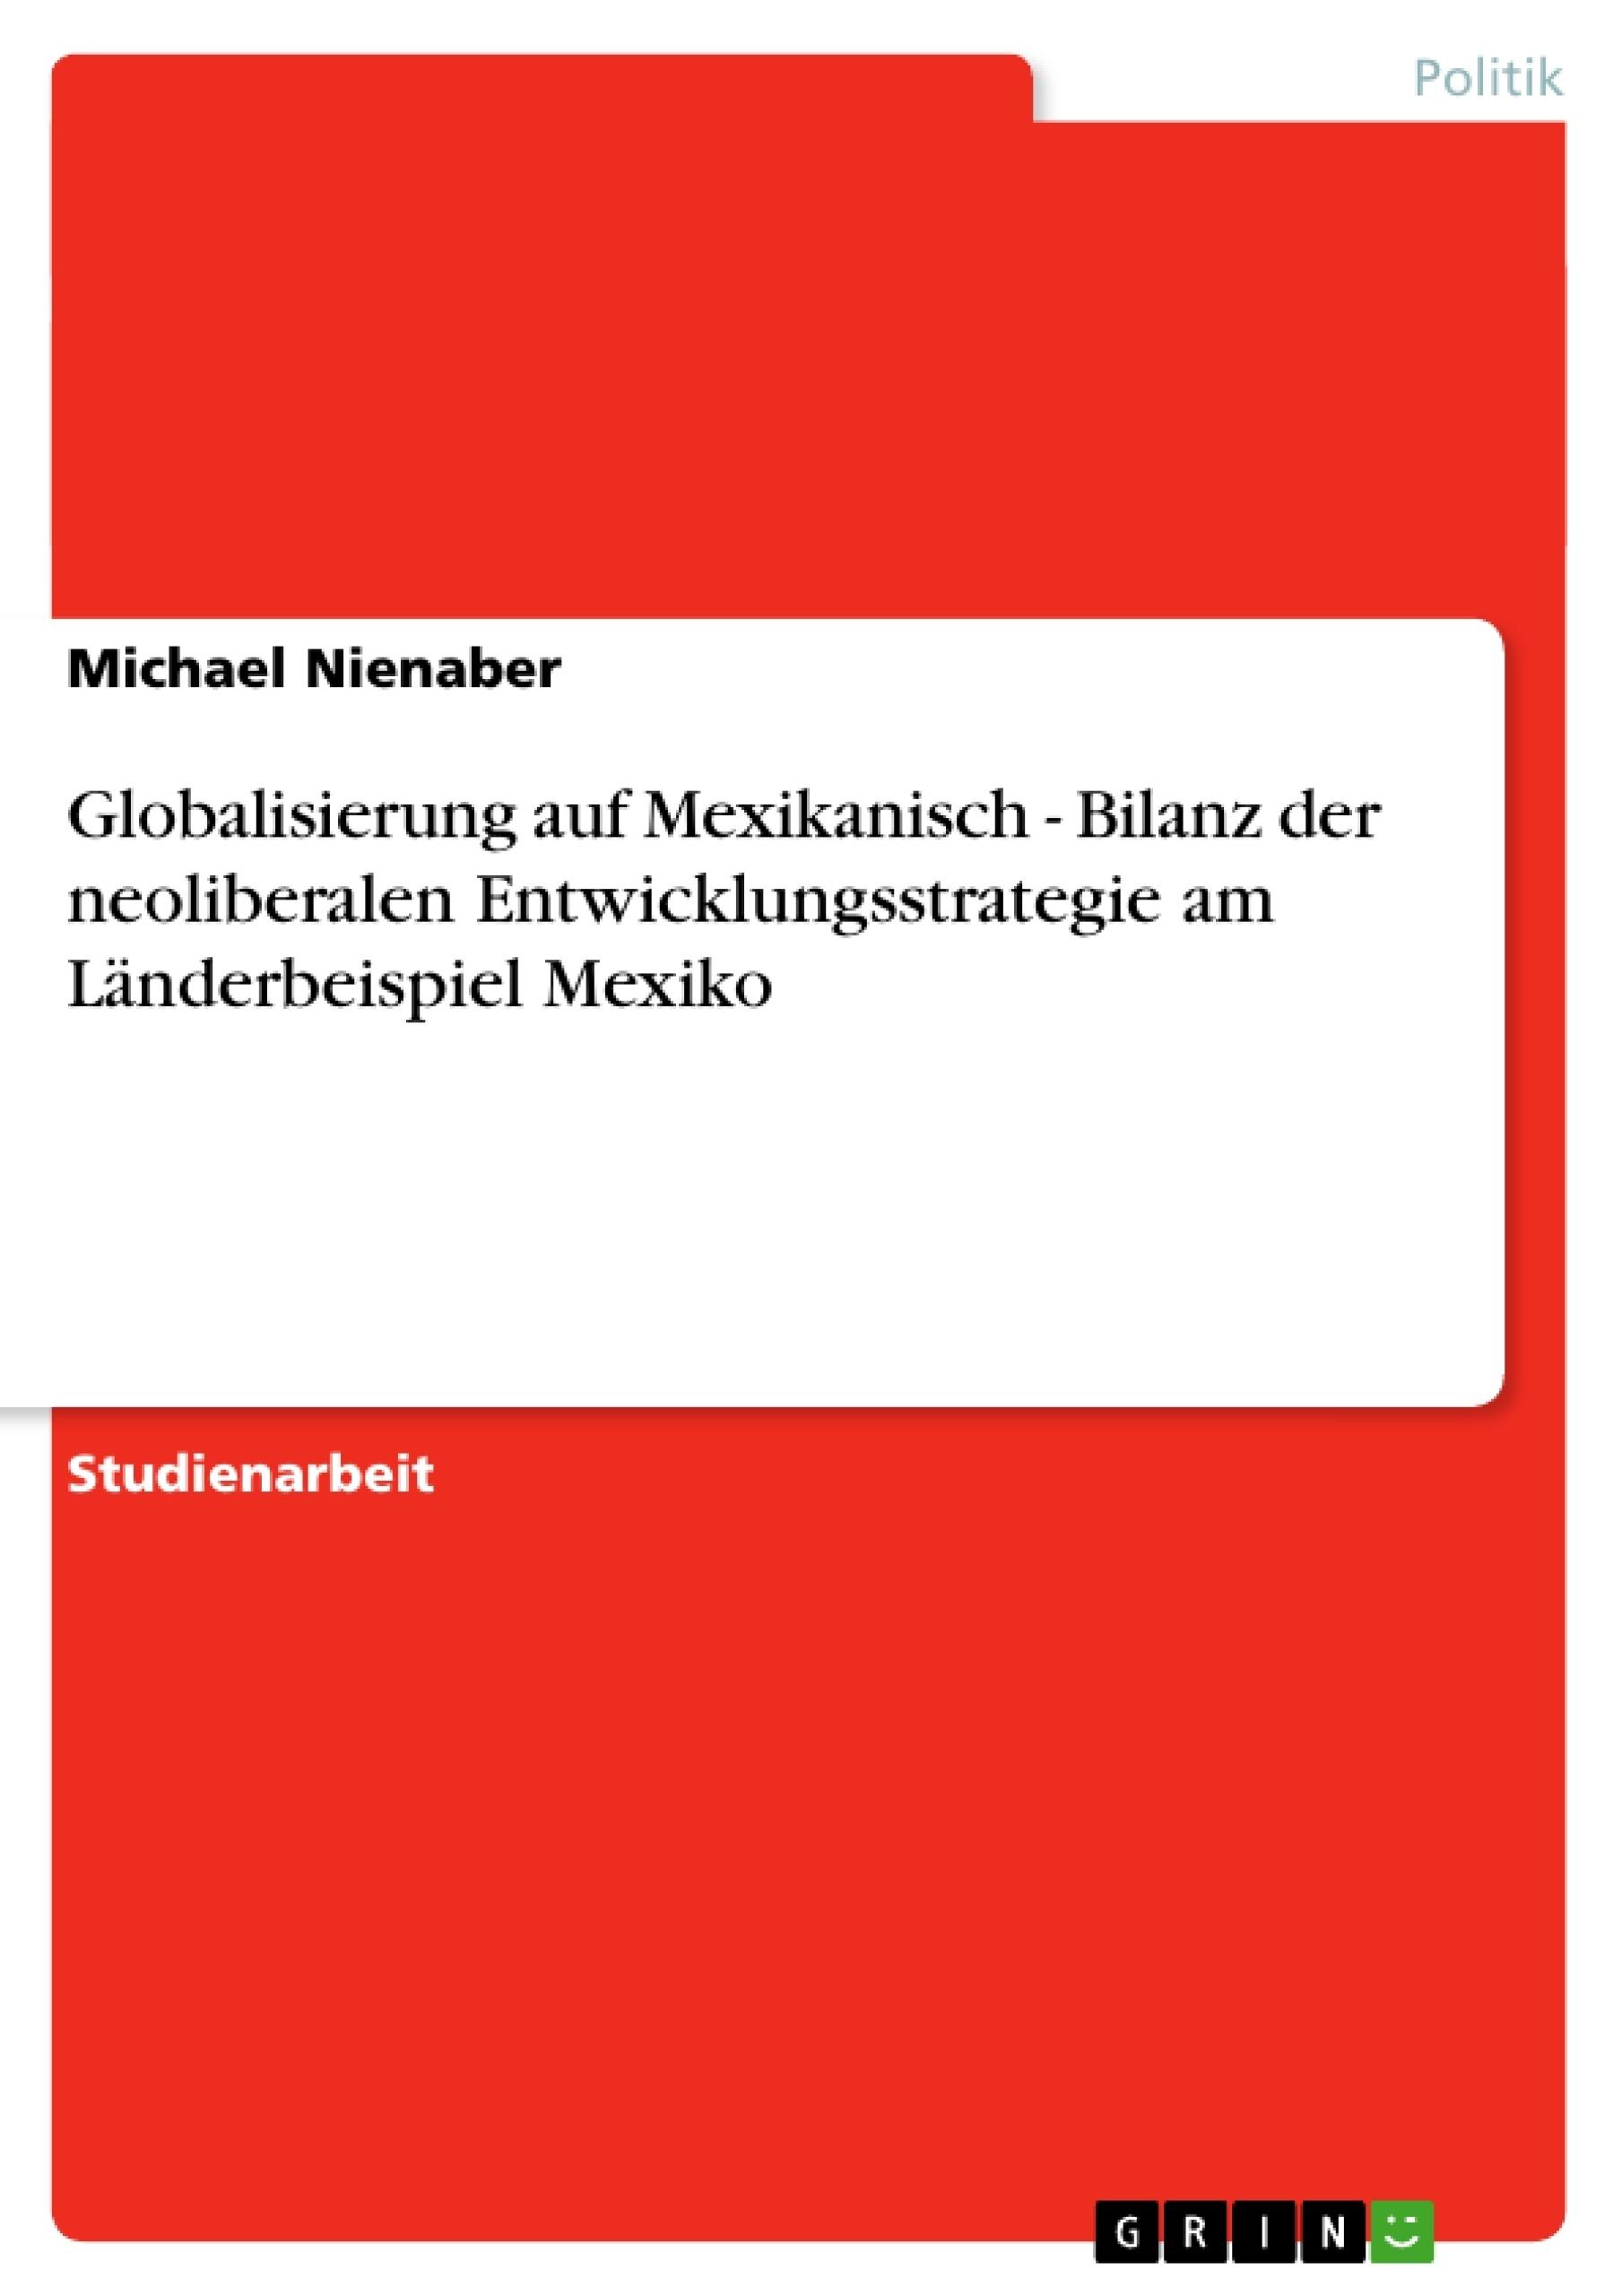 Titel: Globalisierung auf Mexikanisch - Bilanz der neoliberalen Entwicklungsstrategie am Länderbeispiel Mexiko